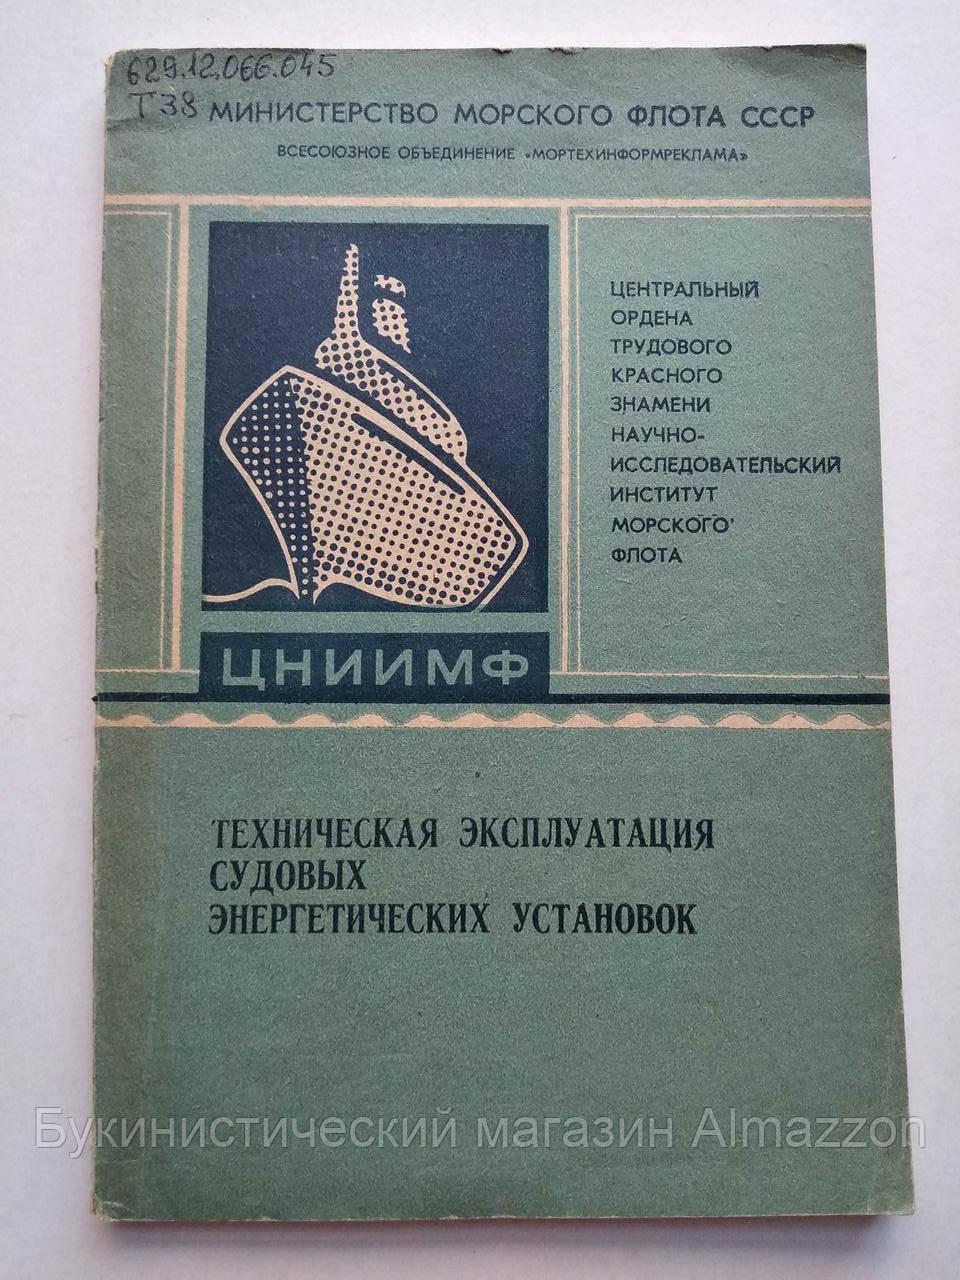 Техническая эксплуатация судовых энергетических установок Министерство Морского Флота СССР